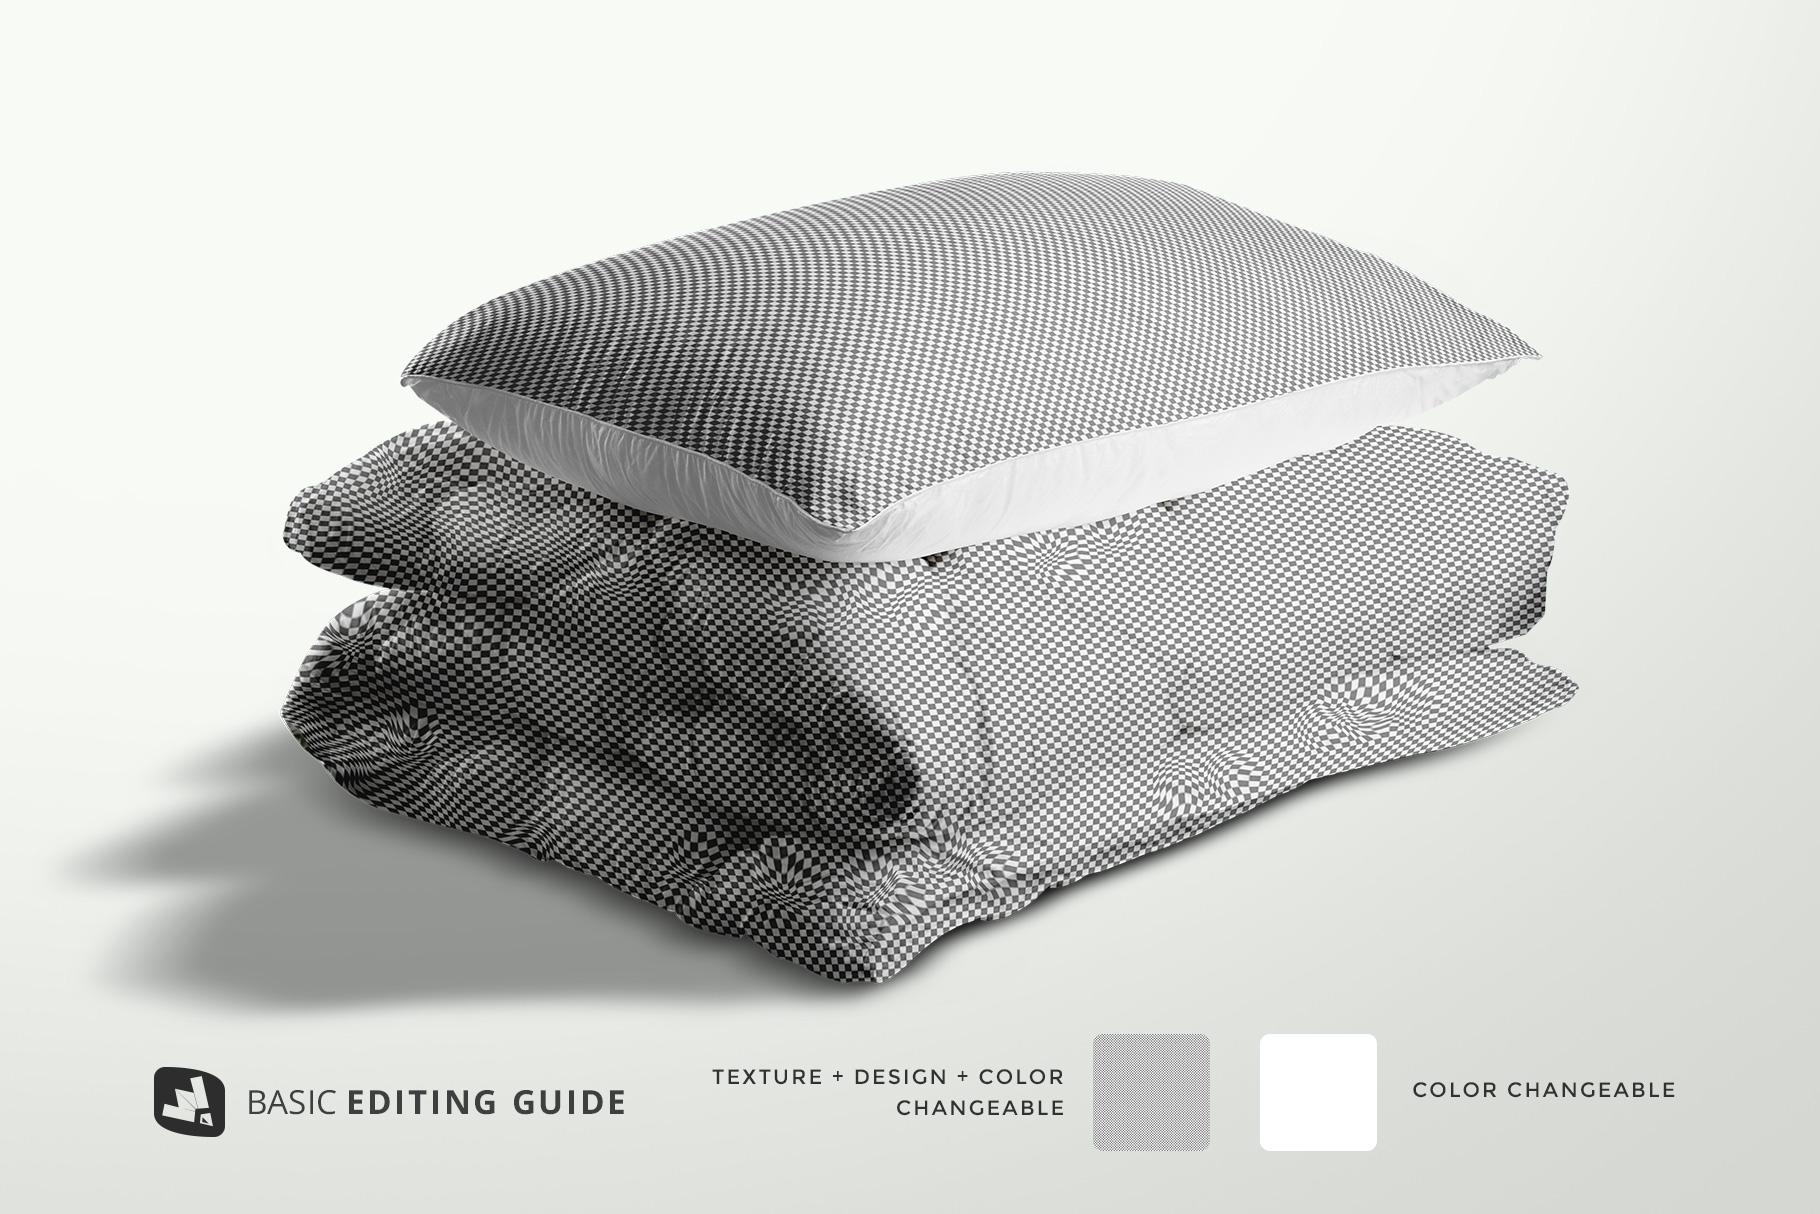 editability of the duvet & pillow case mockup